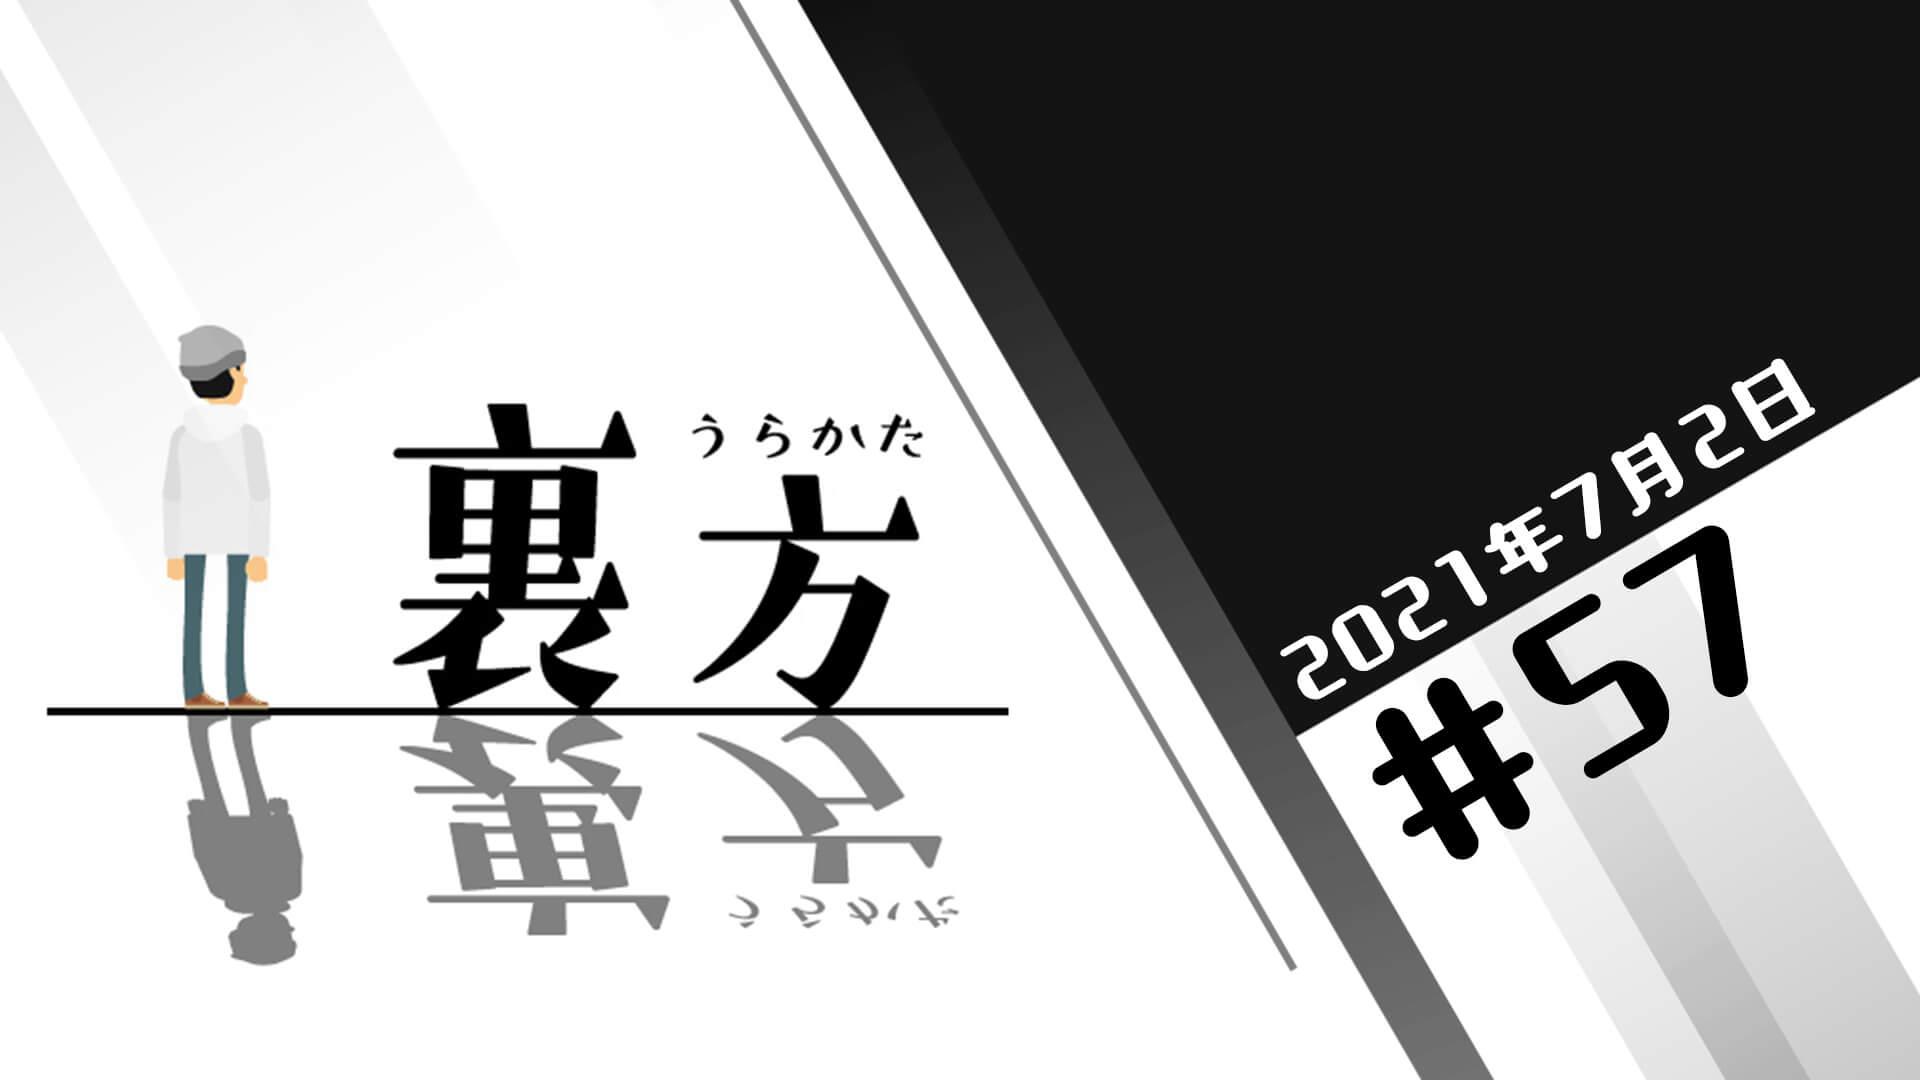 文化放送超!A&G+ 「裏方」#57 (2021年7月2日放送分)